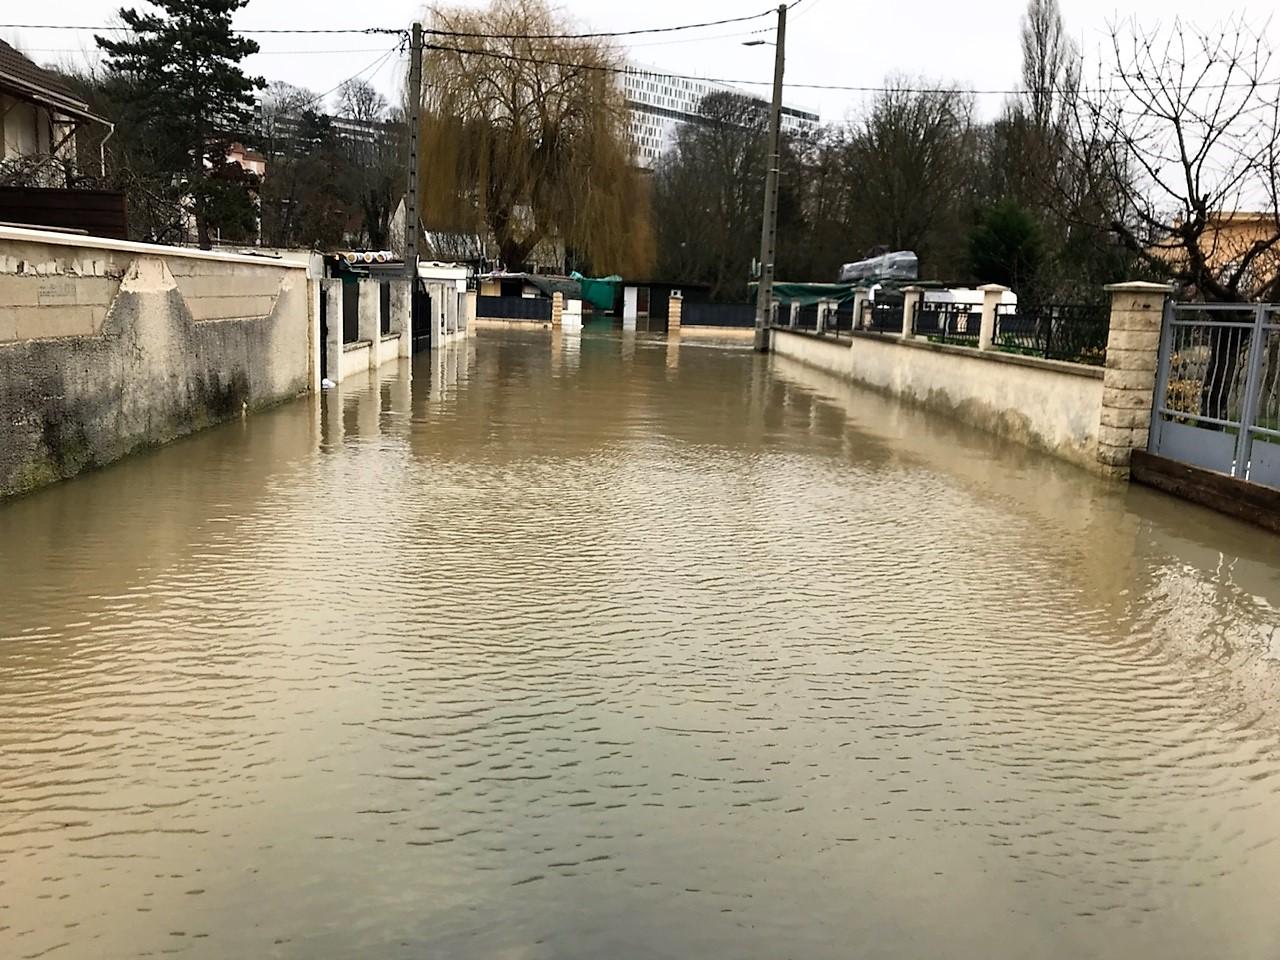 Visite ministérielle à Villeneuve-Saint-Georges pour la renaturation des bords d'Yerres - 94 Citoyens